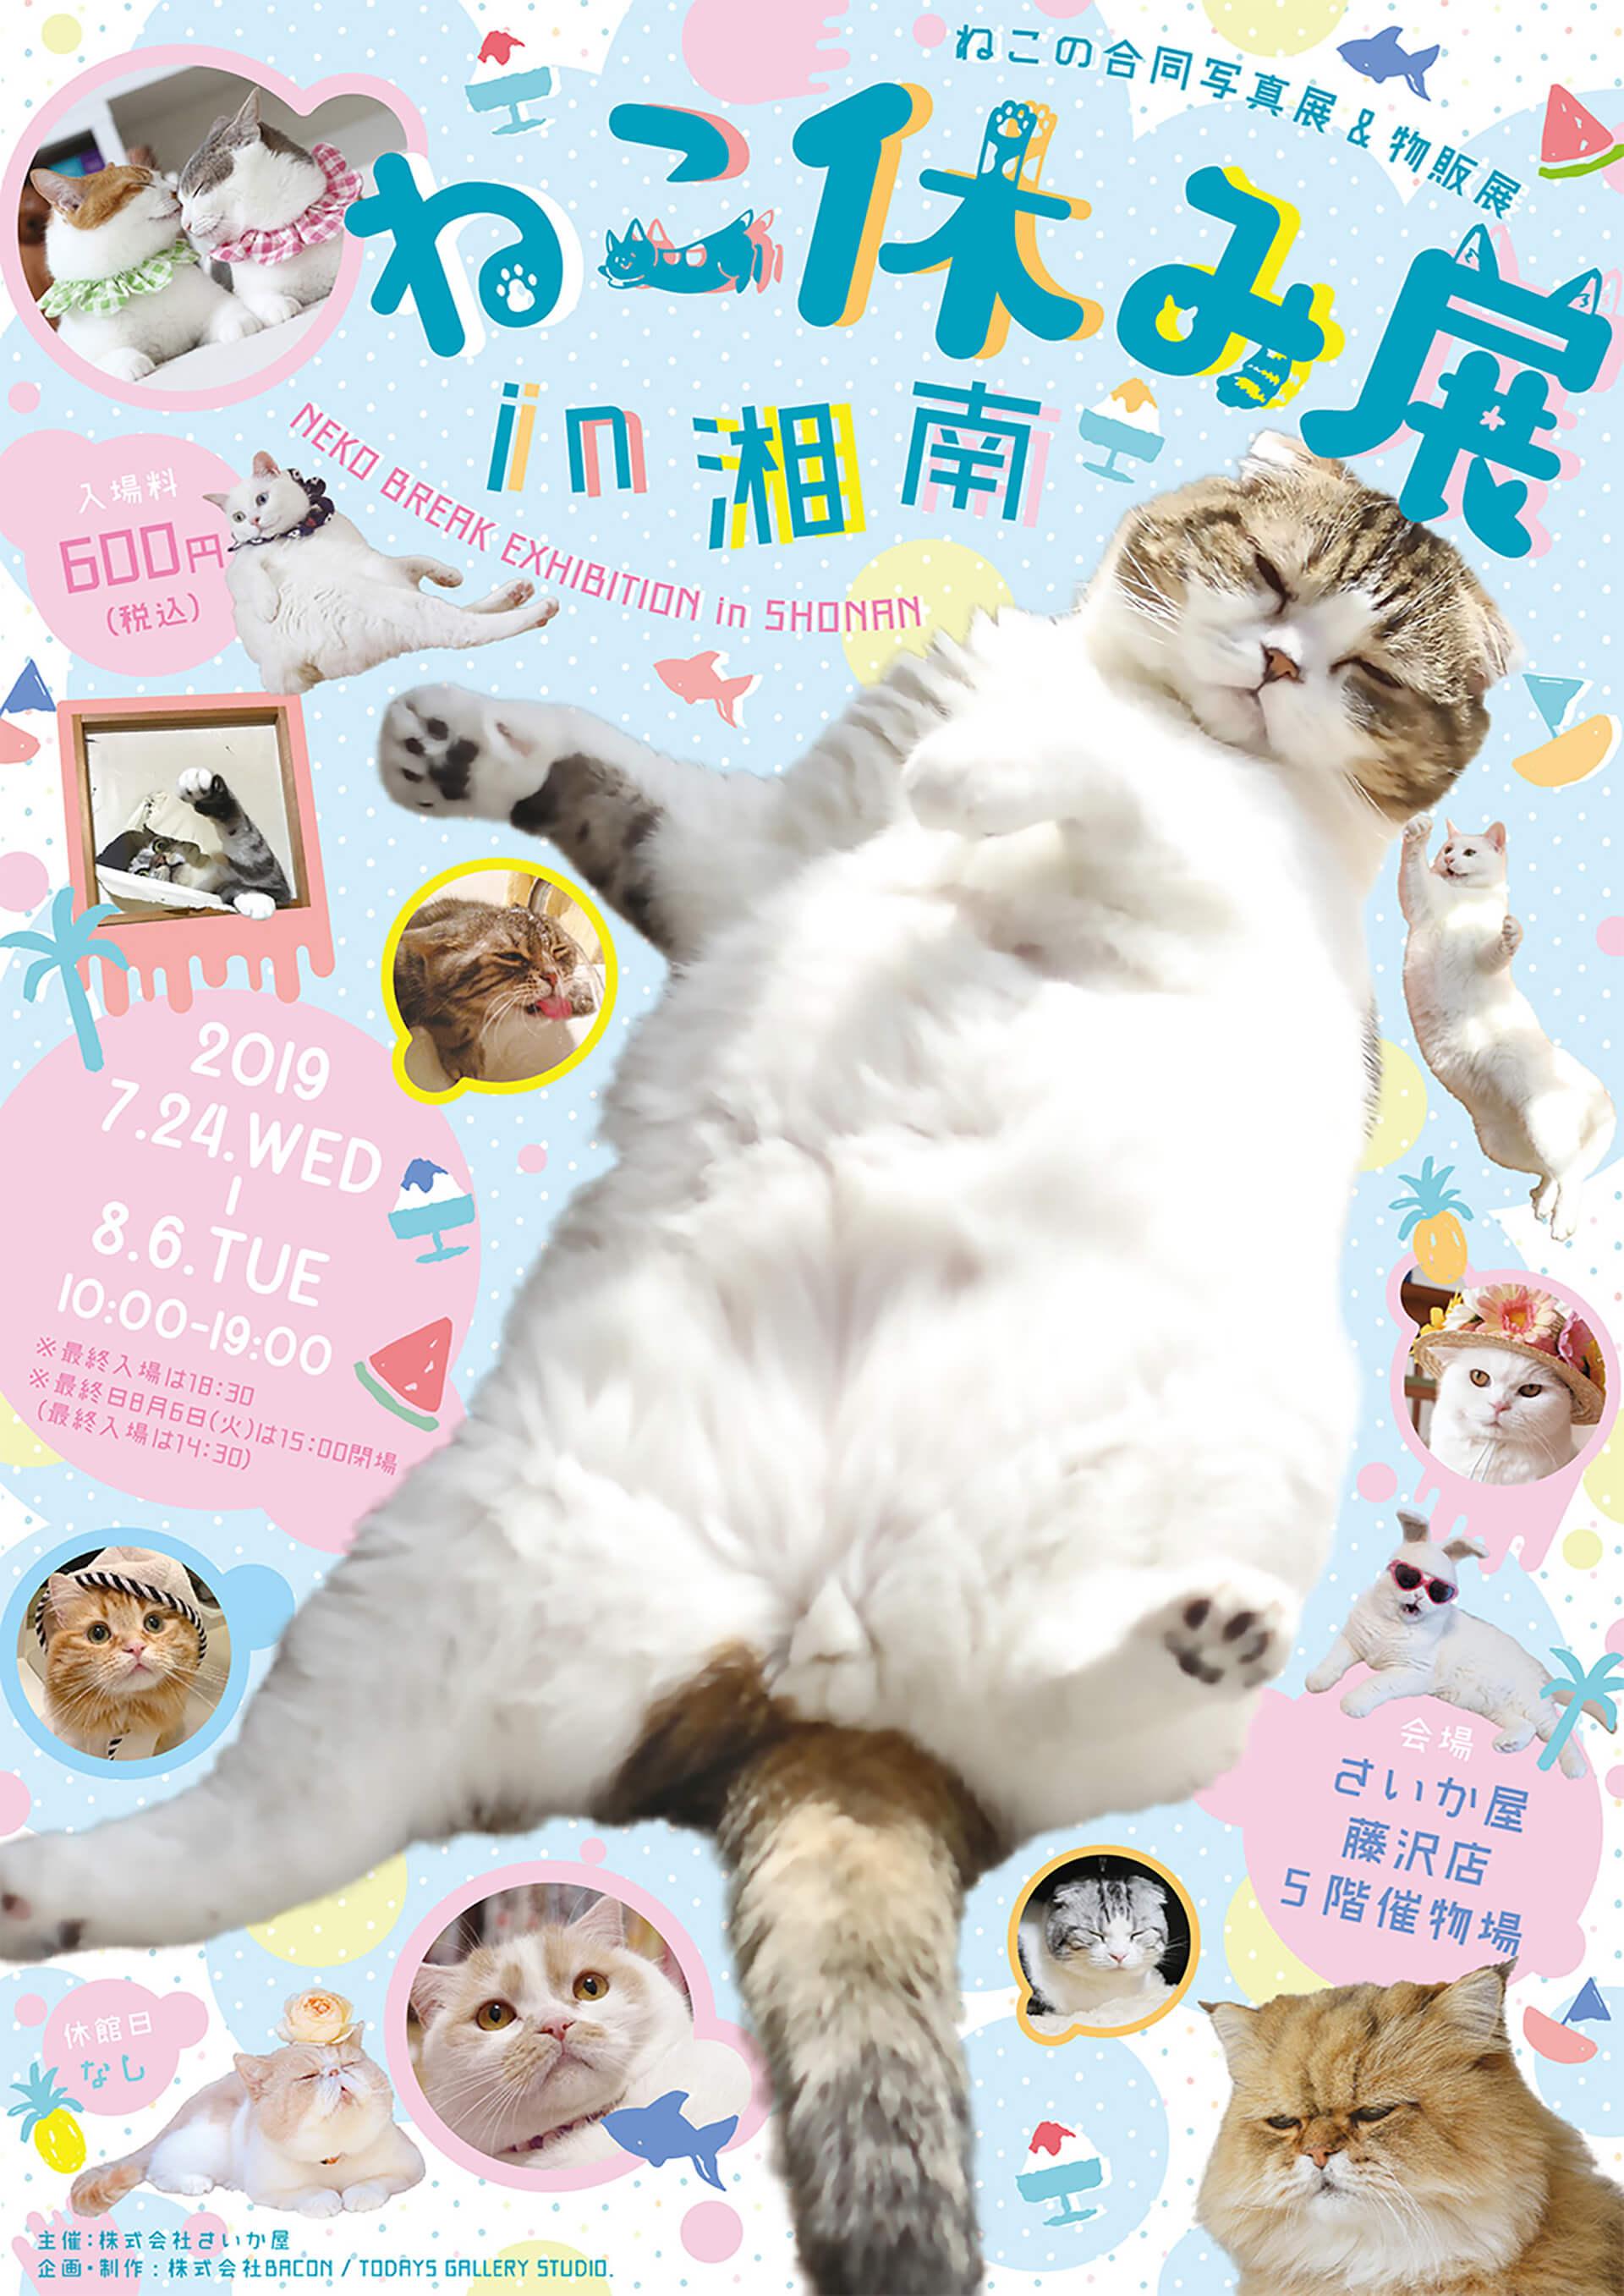 この写真はねこ休み展 in 湘南の告知ポスターです